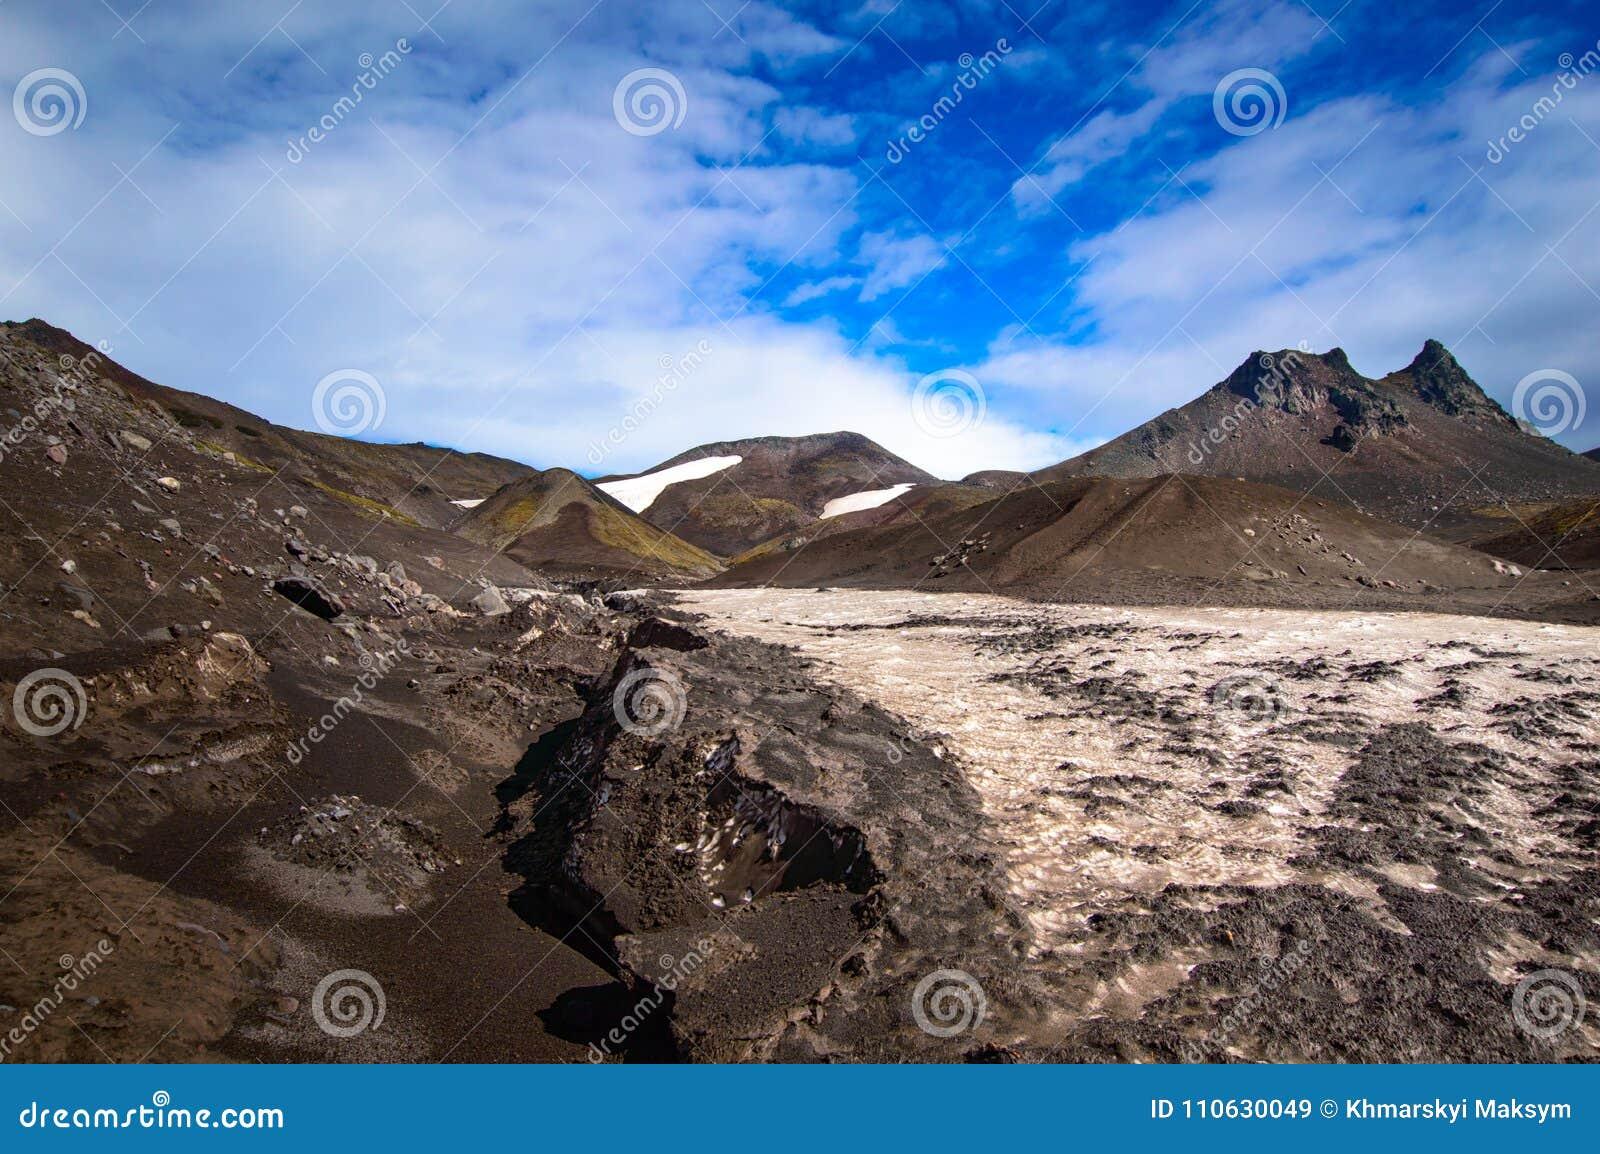 ландшафт вулканический Вулкан Avachinsky - действующий вулкан Камчатского полуострова Россия, Дальний восток